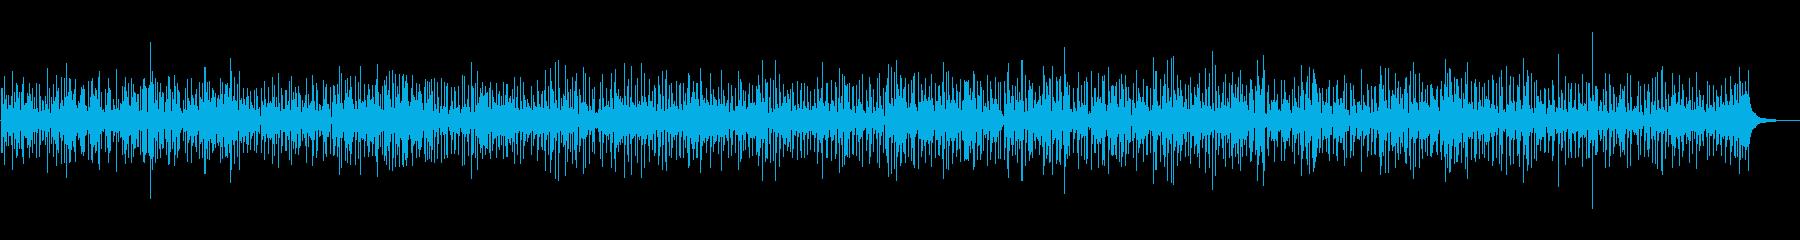 BGM 爽やかピアノジャズ 配信・映像の再生済みの波形